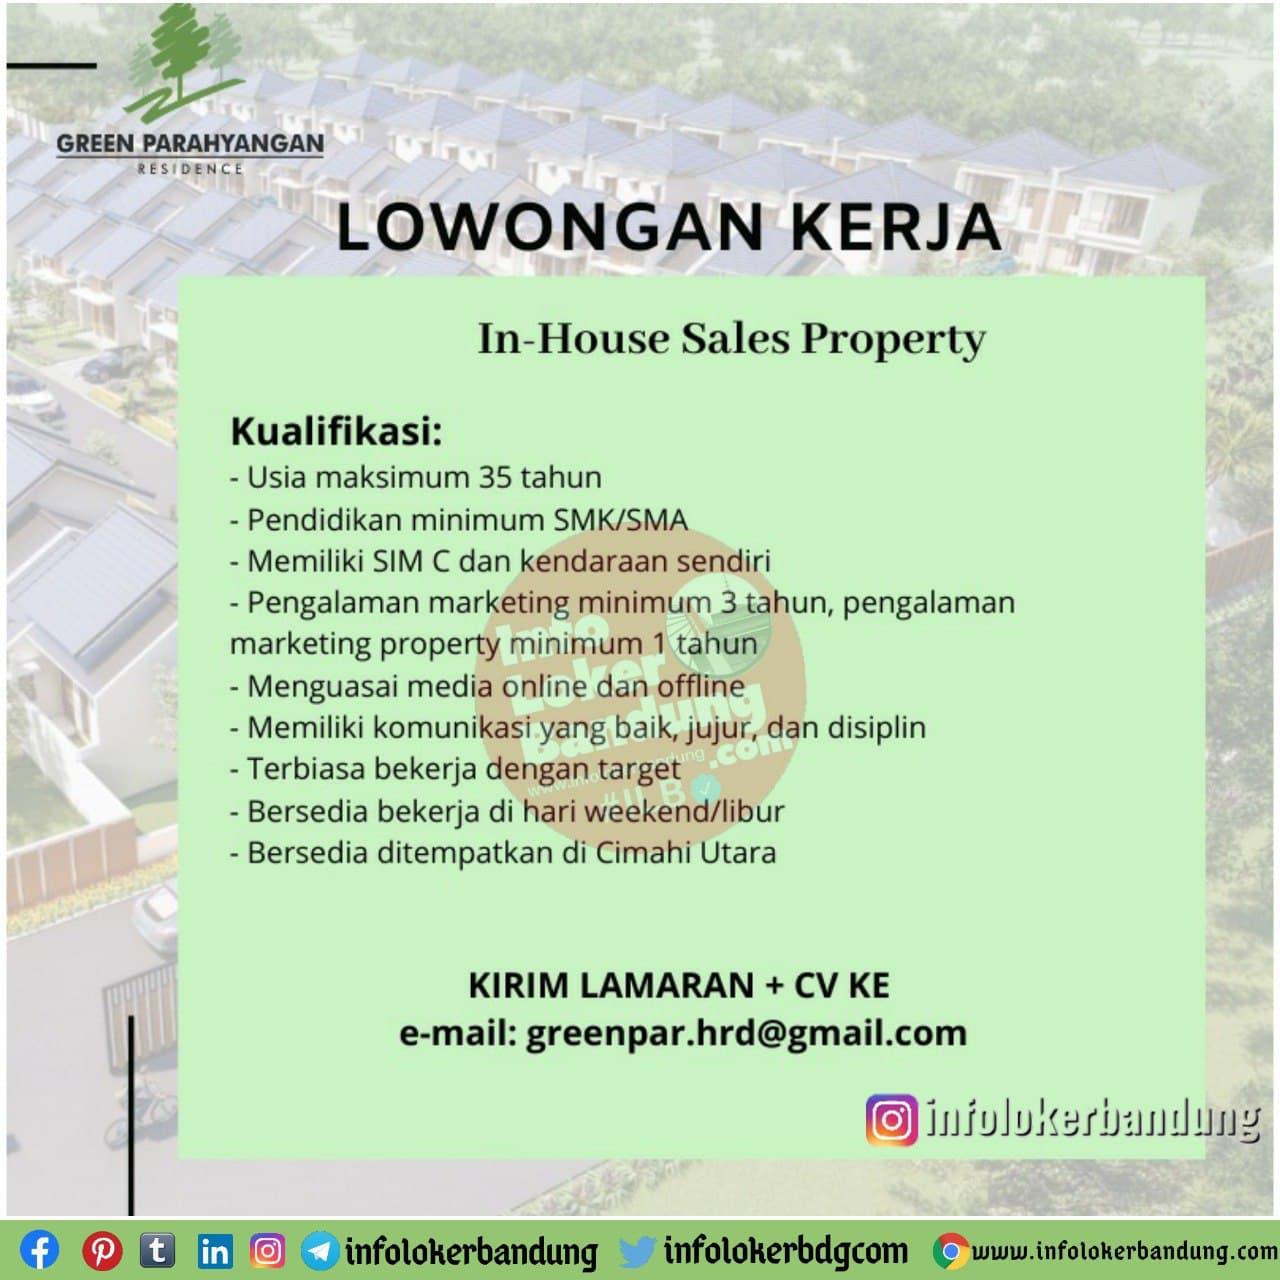 Lowongan Kerja In House Sales Property Green Parahyangan Bandung Januari 2021